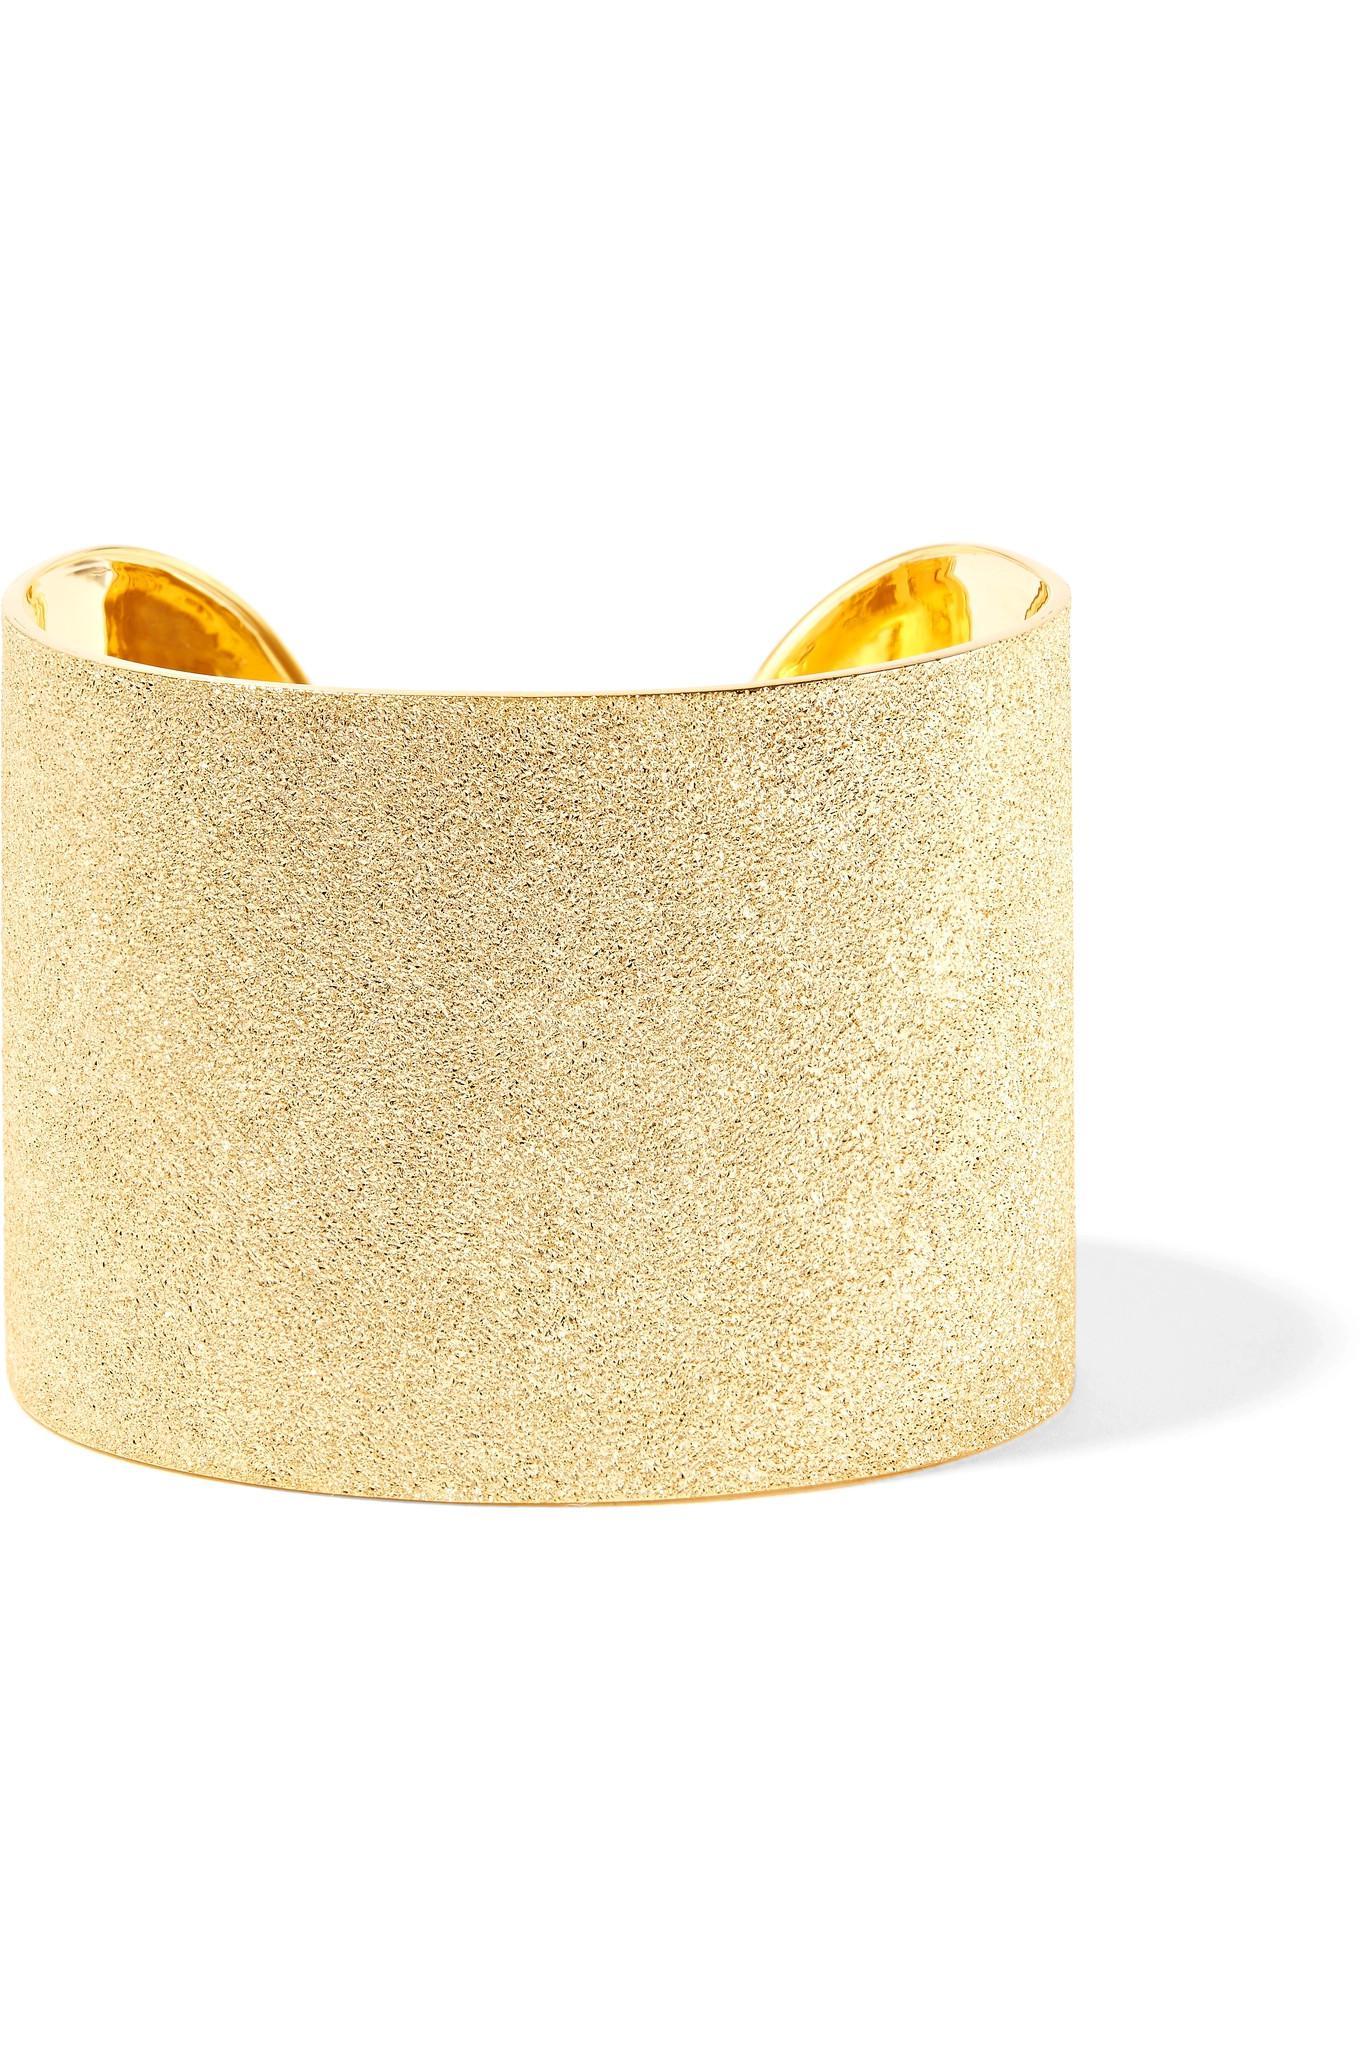 Carolina Bucci Florentine 18-karat Gold Cuff qm1Ni6p